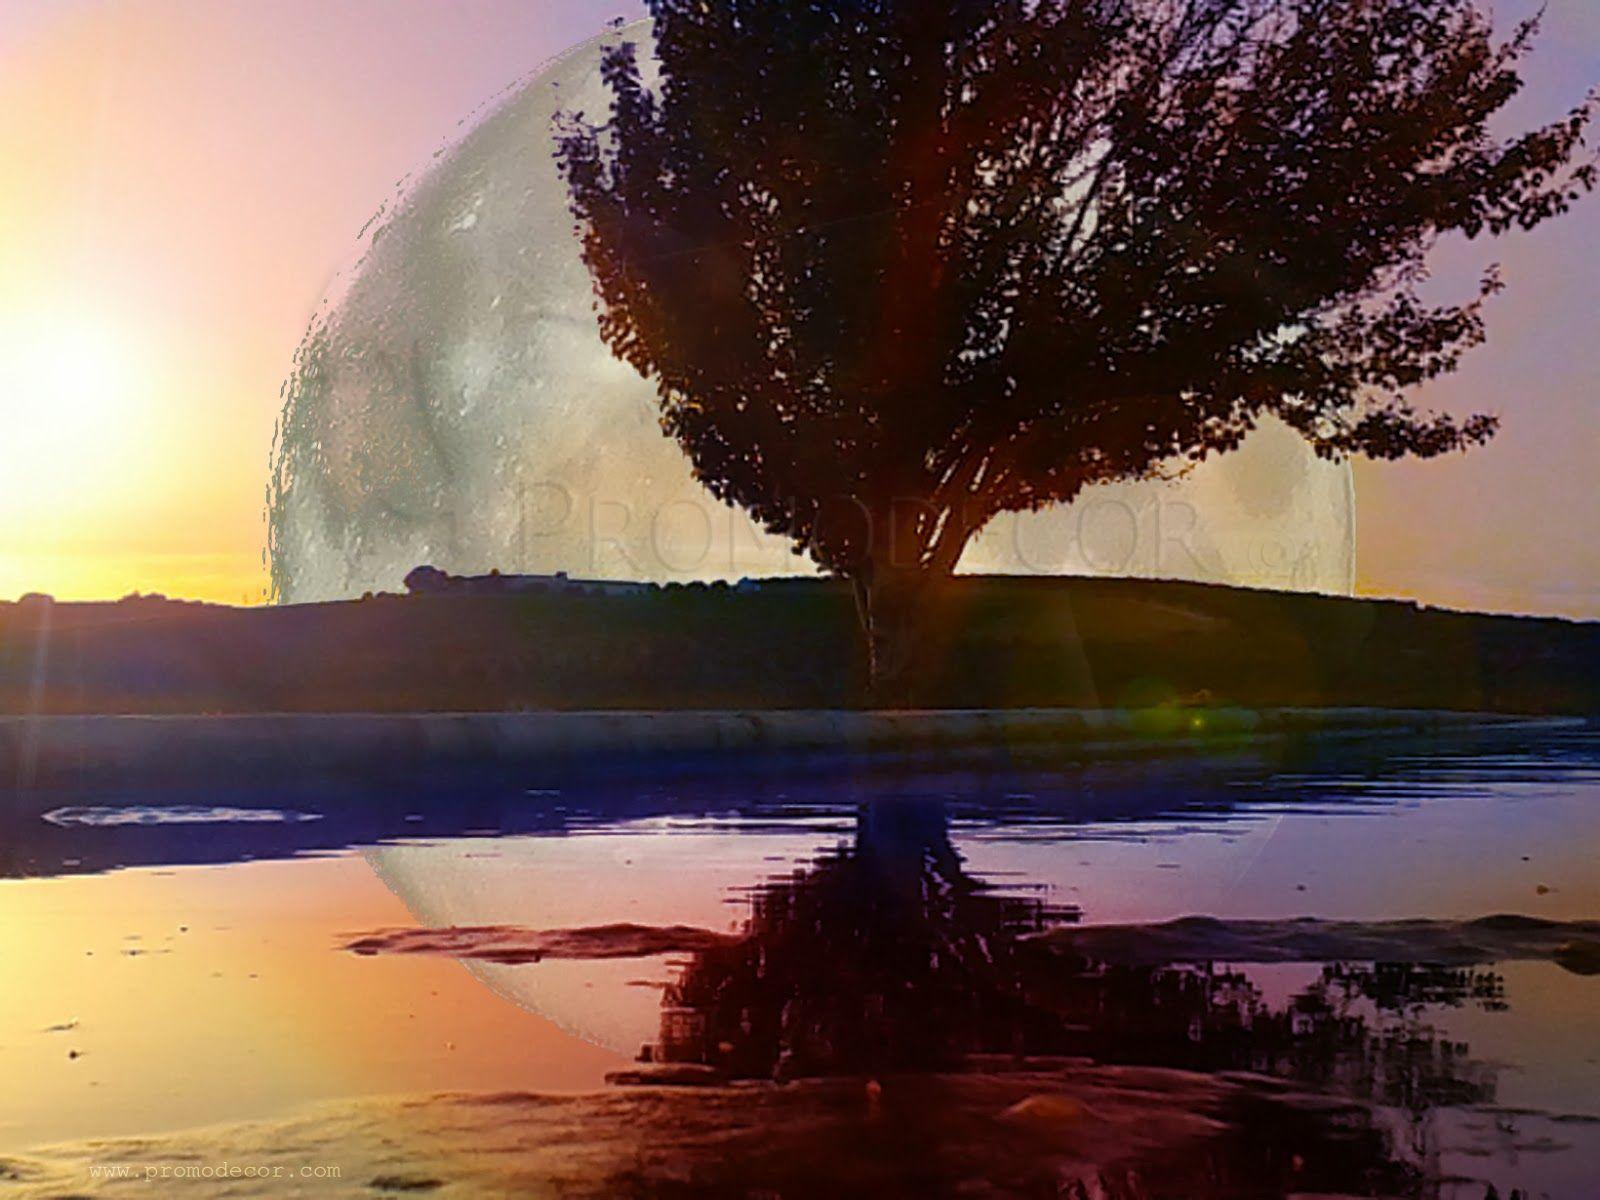 Nuevo diseño: Estanque lunar ~ Promodecor